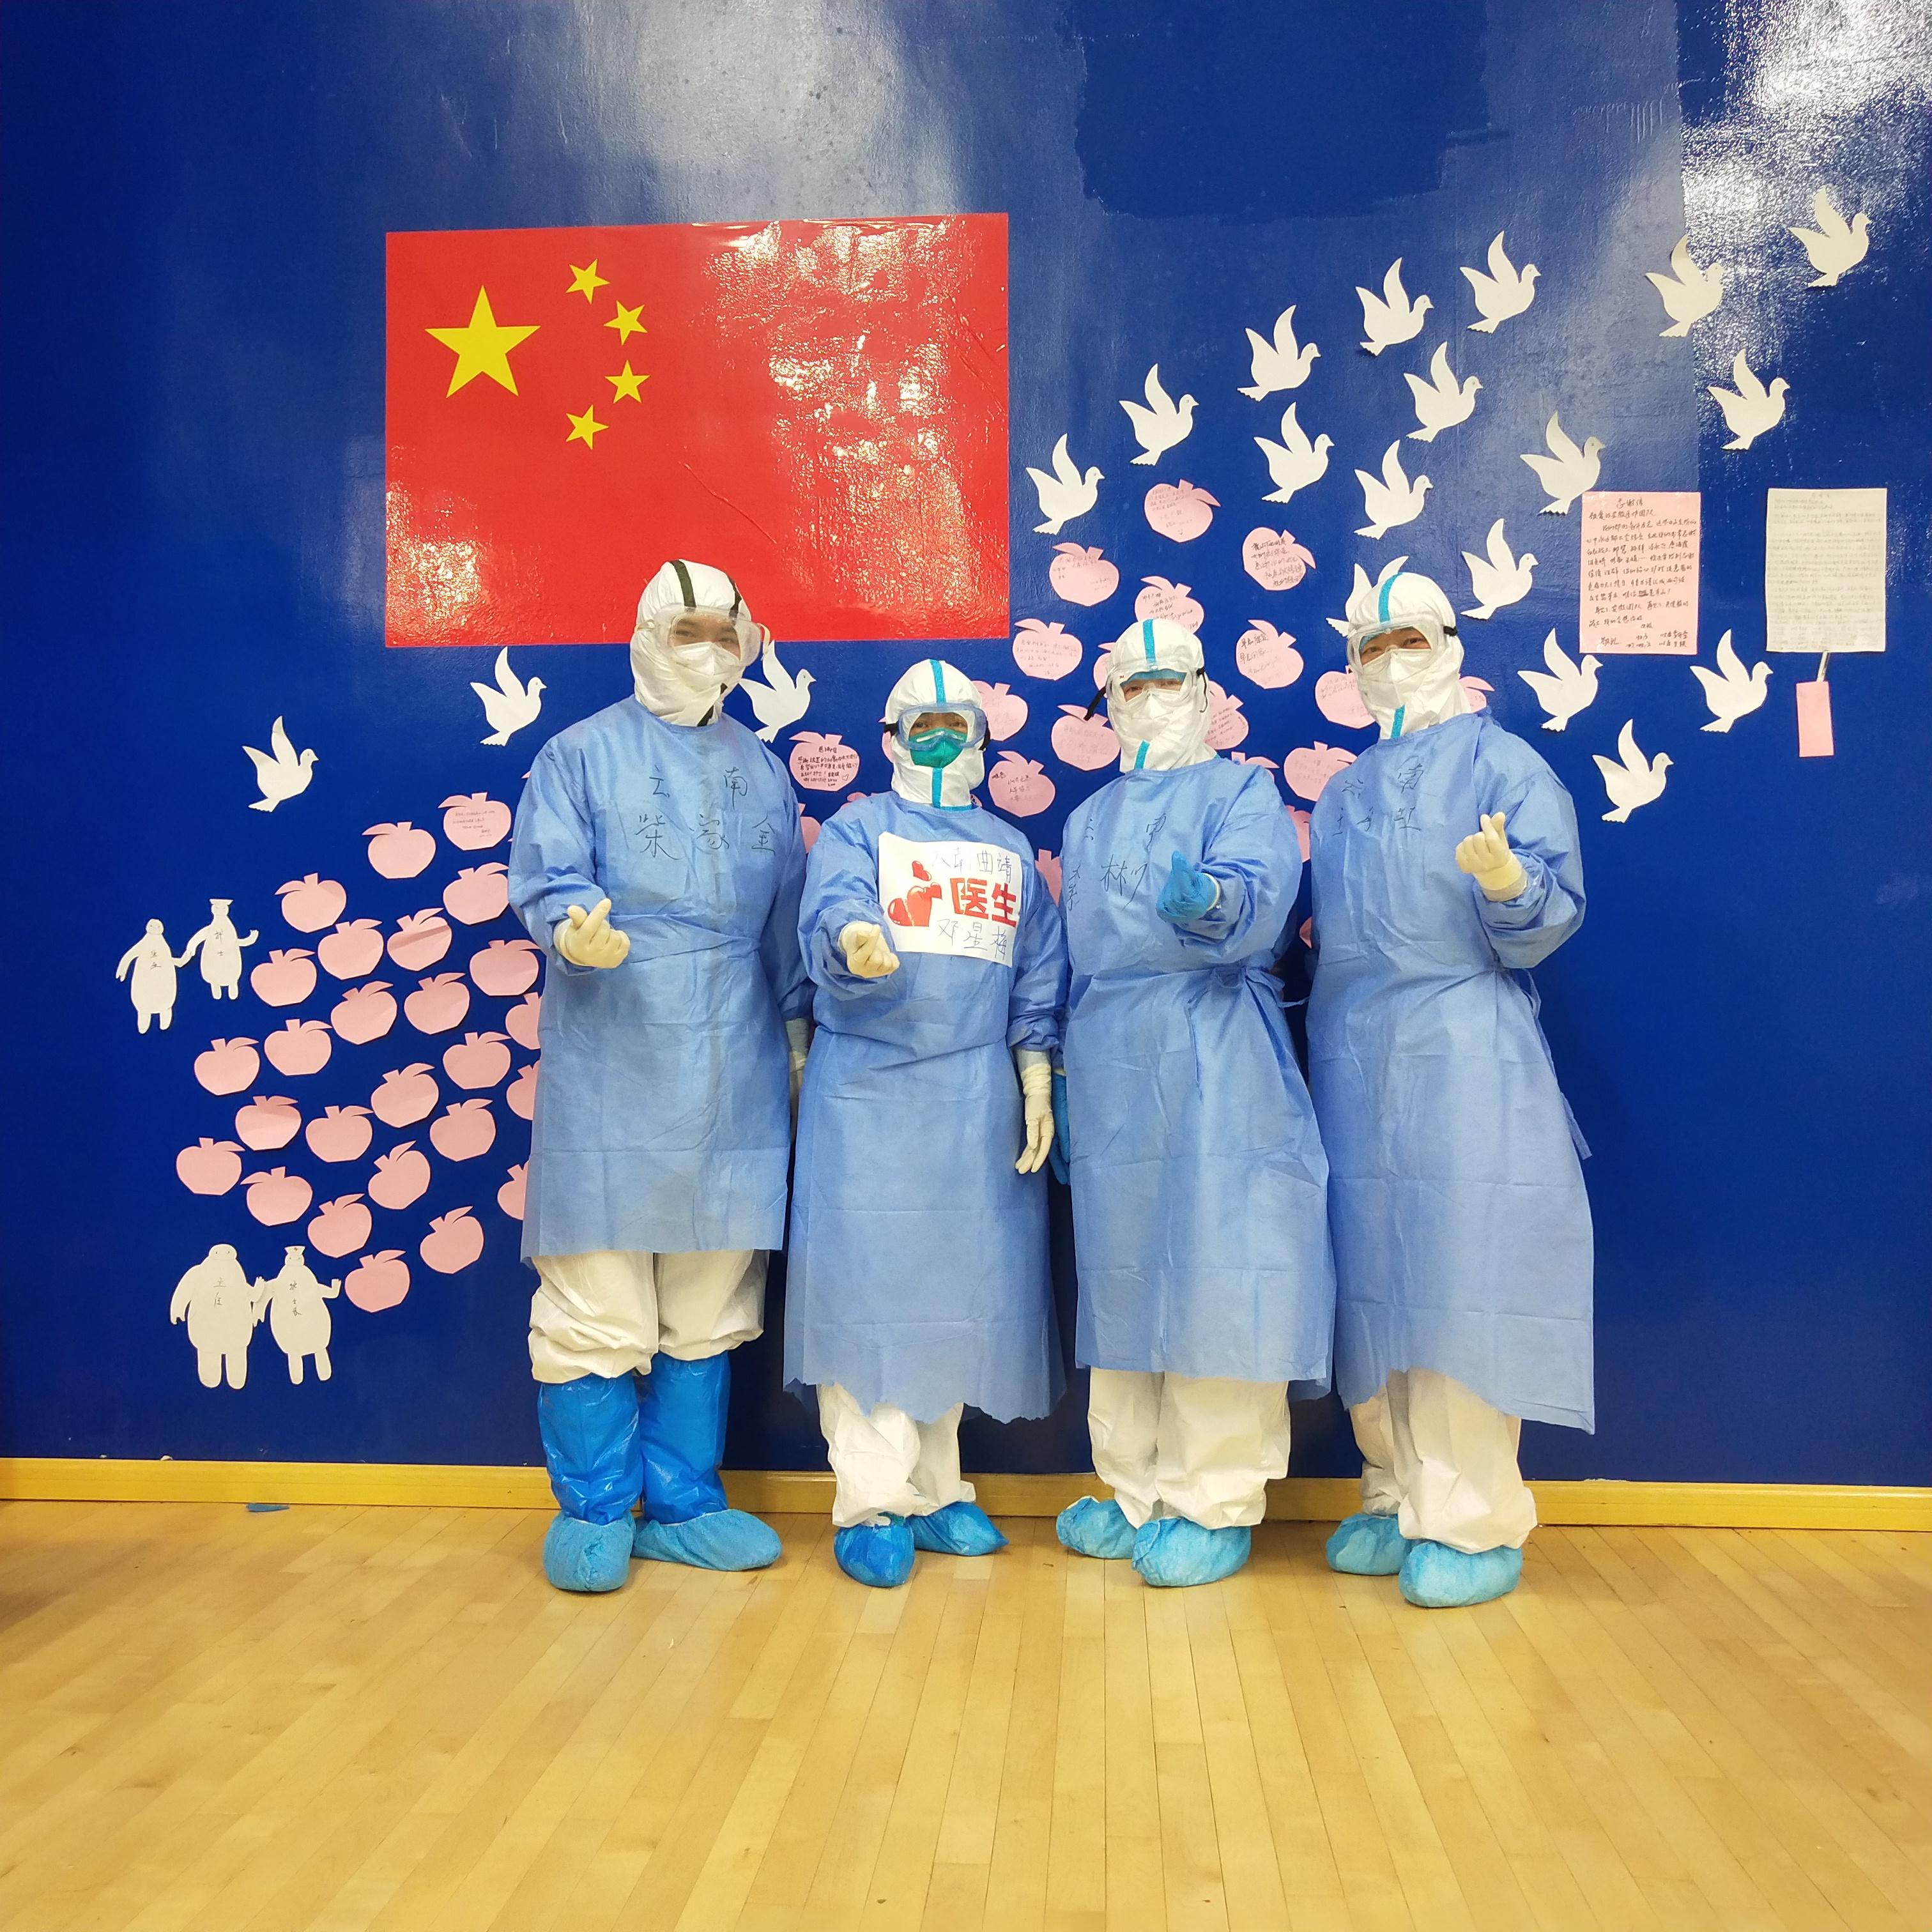 李彬同志获得云南省「抗击新冠肺炎疫情先进个人」荣誉称号